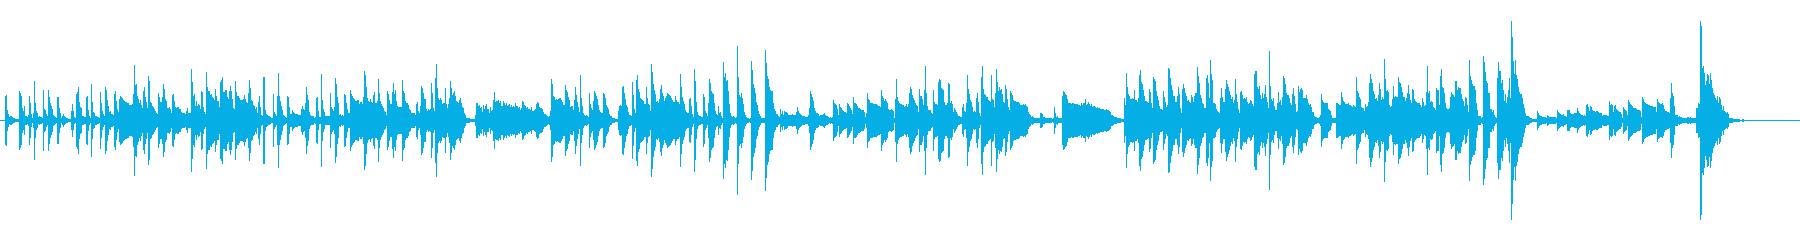 ほのぼのコミカルサスペンスの再生済みの波形